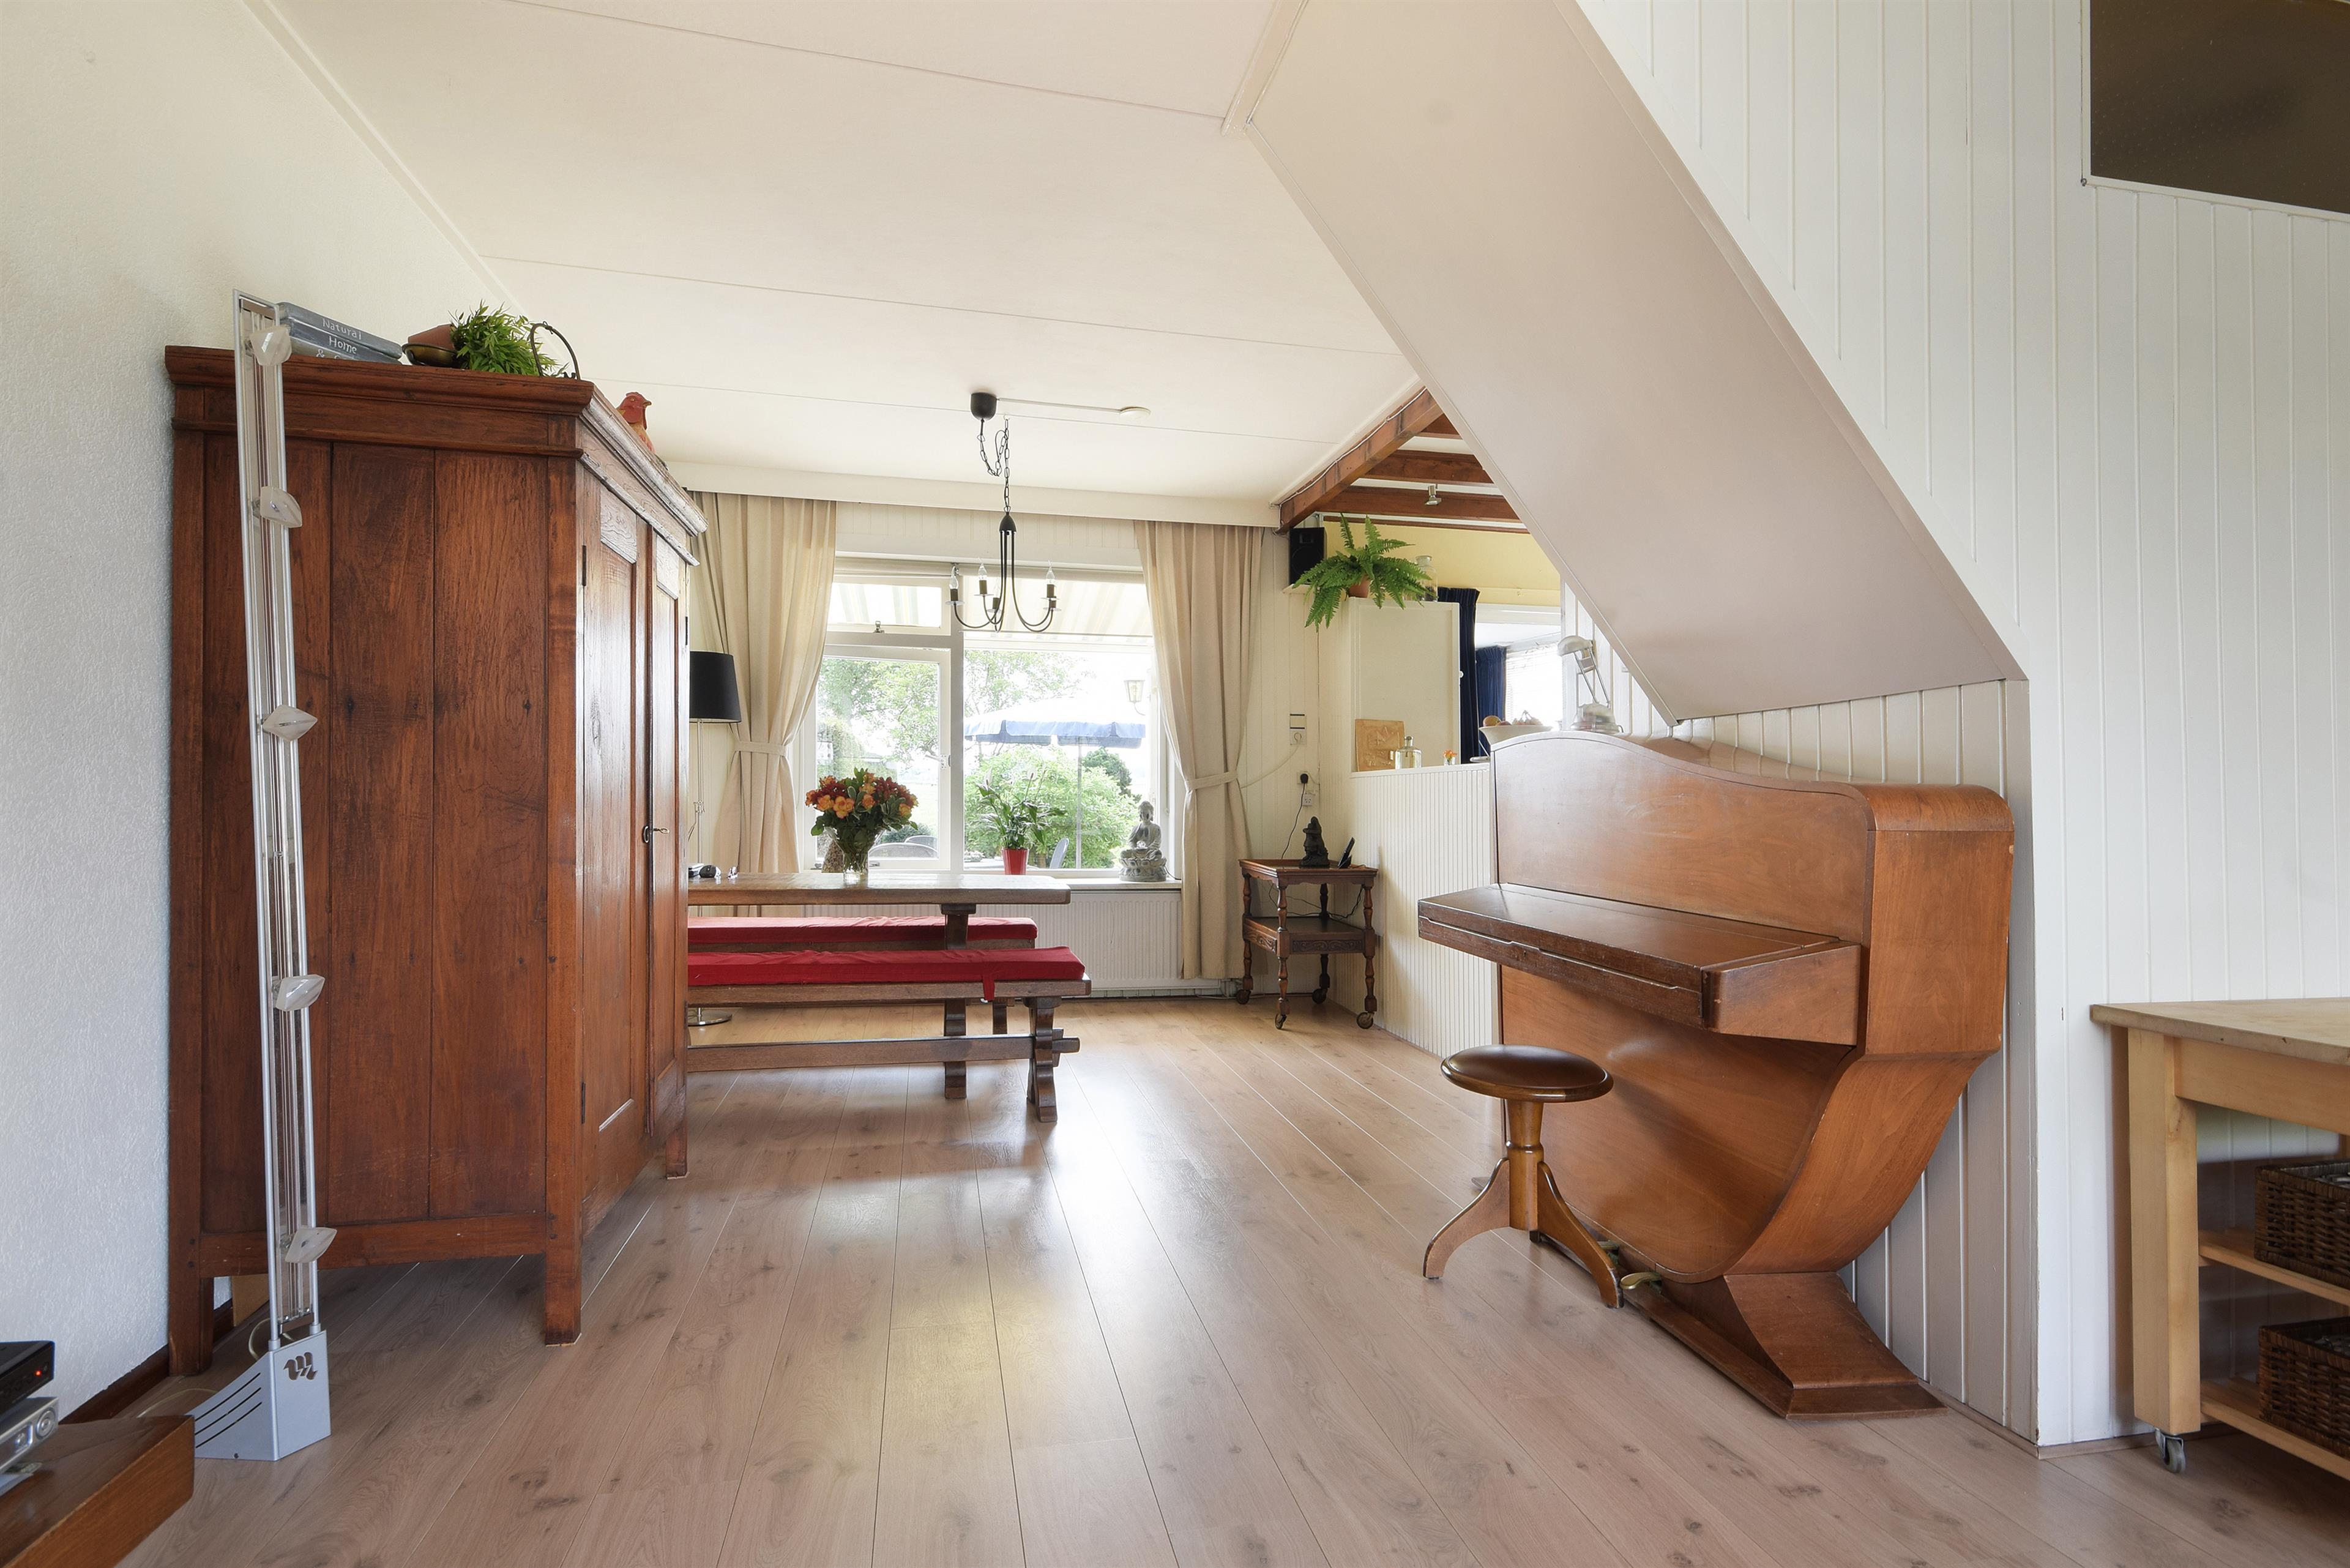 Te koop: van Beekstraat 158, Landsmeer - Hoekstra en van Eck ...